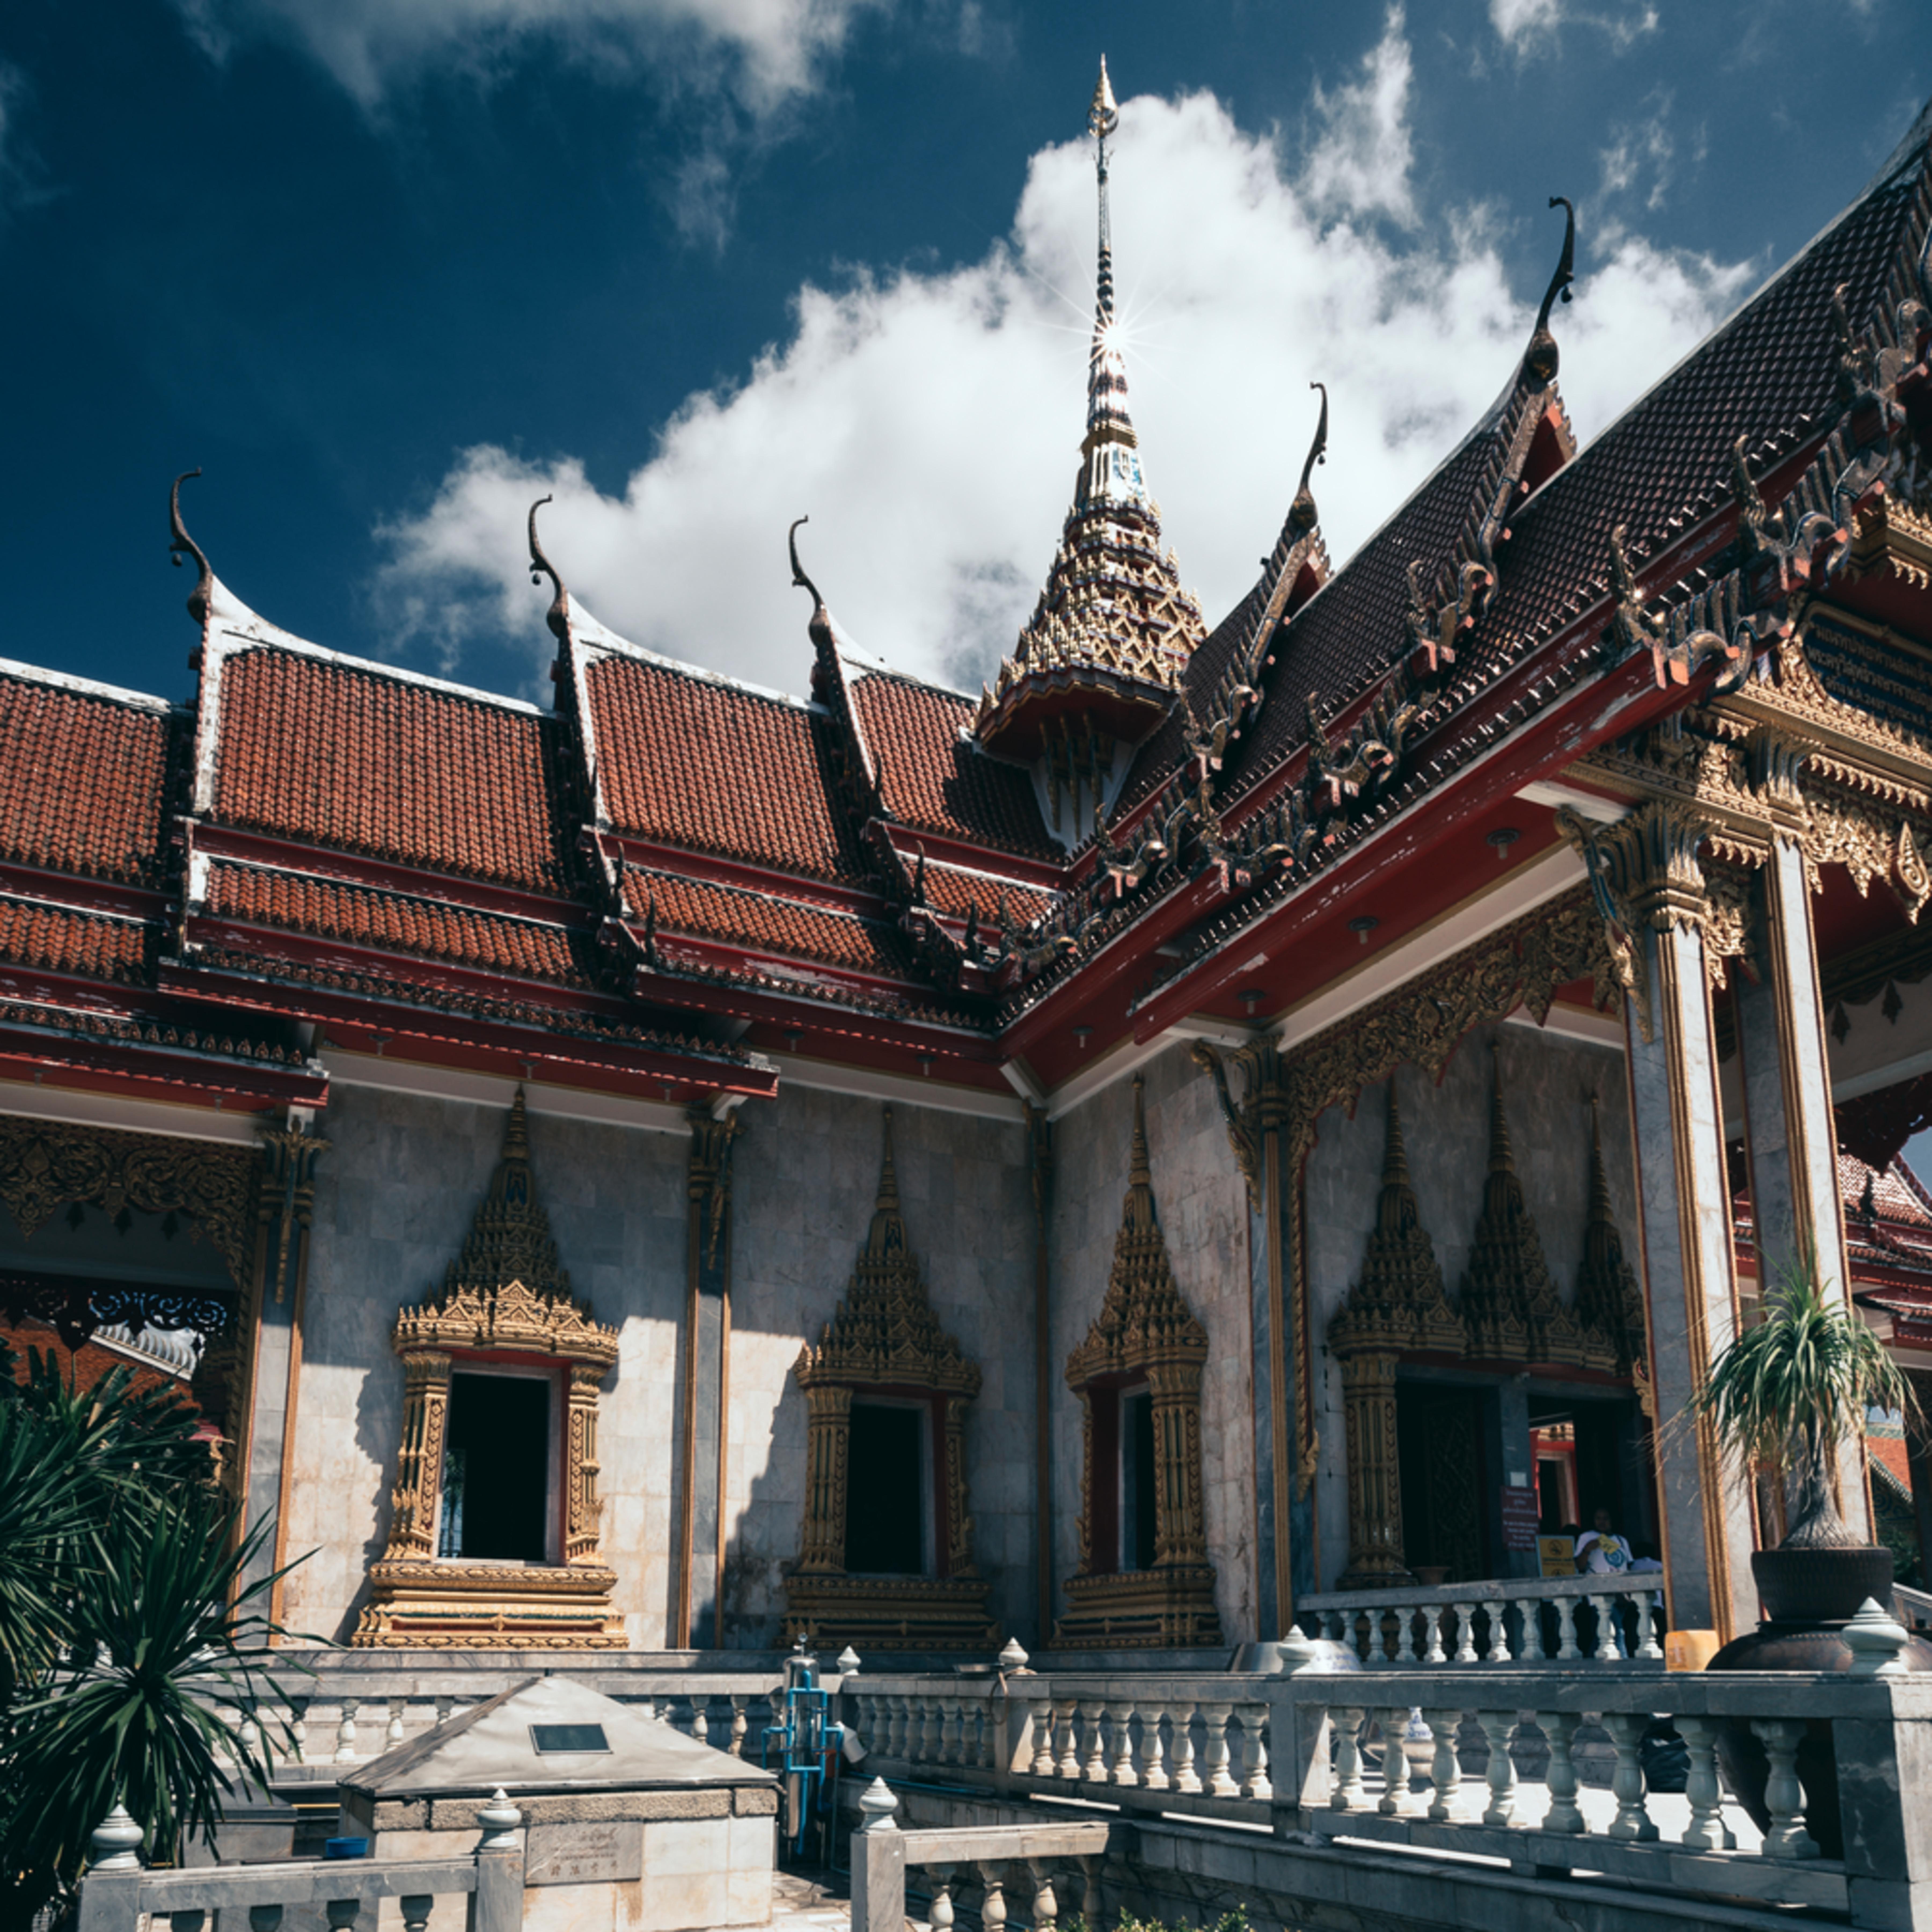 20151125 travel thailand phuket 0001 56 edit hcvevb